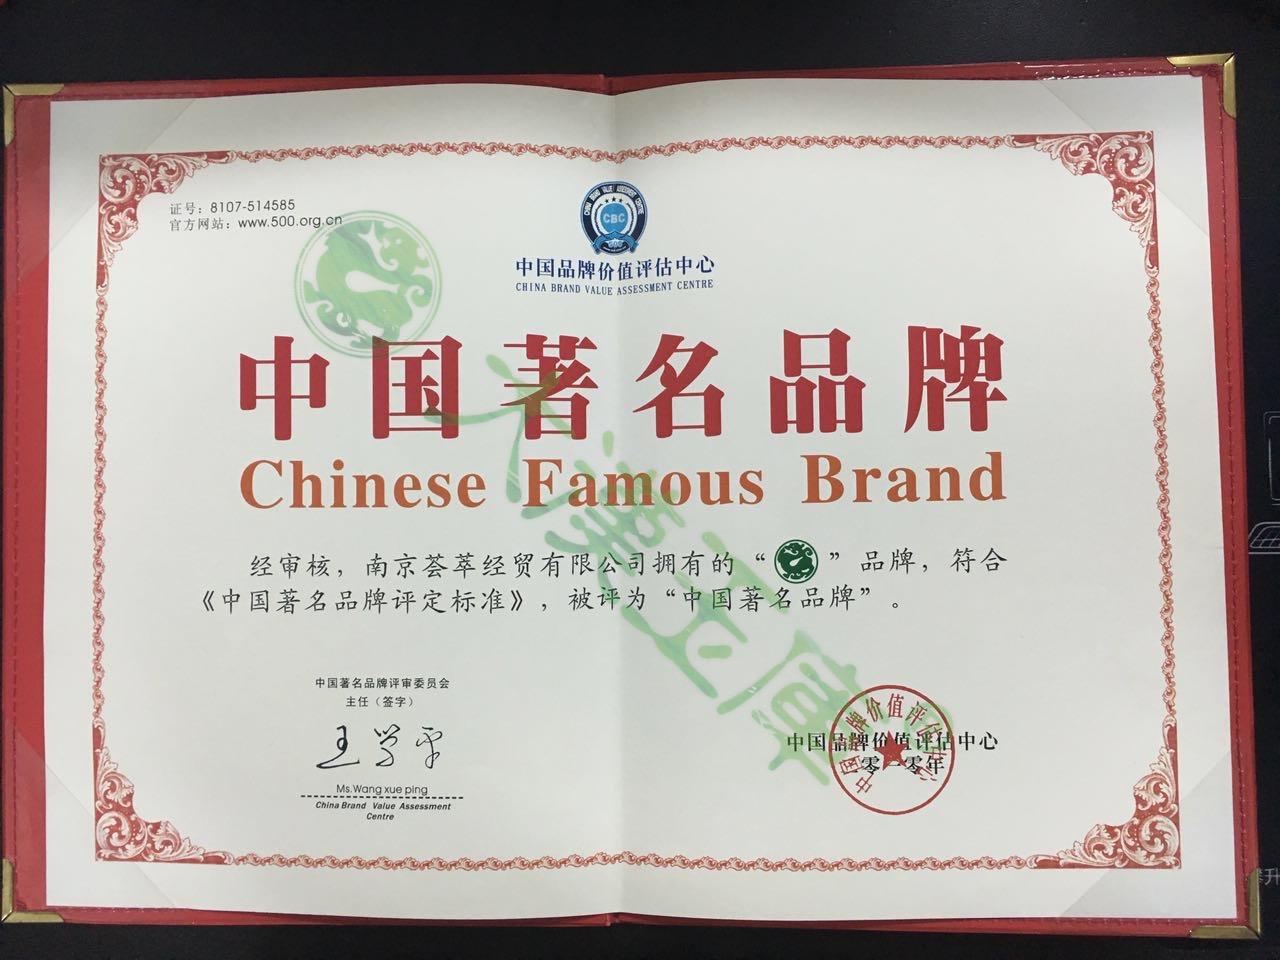 中国著名品牌-证书_Watermarked_1